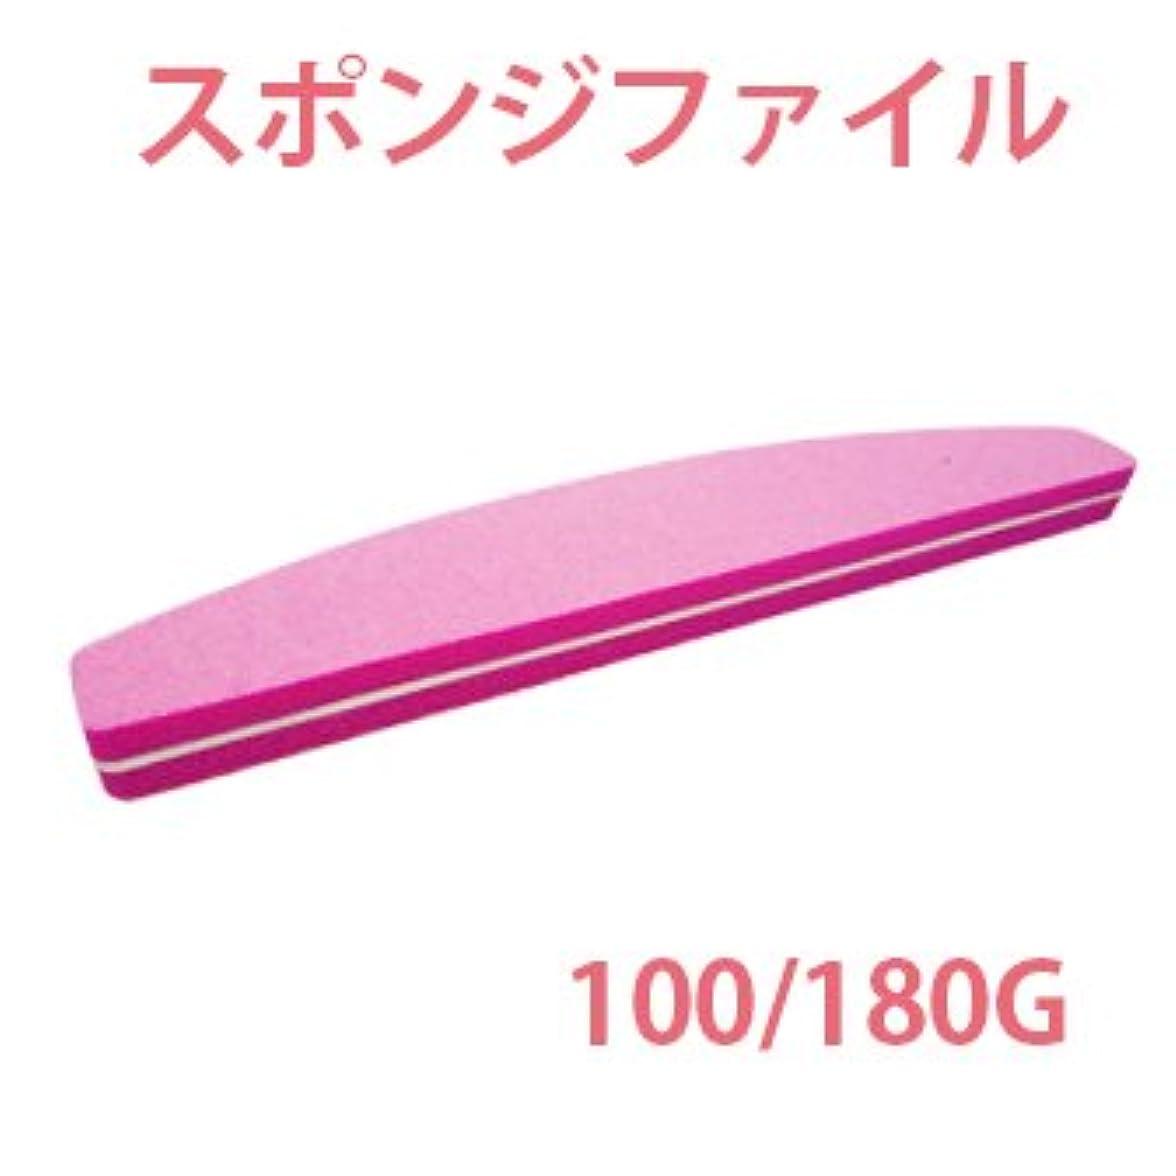 回答促進する排泄物スポンジファイル バッファー 100/180G ピンク